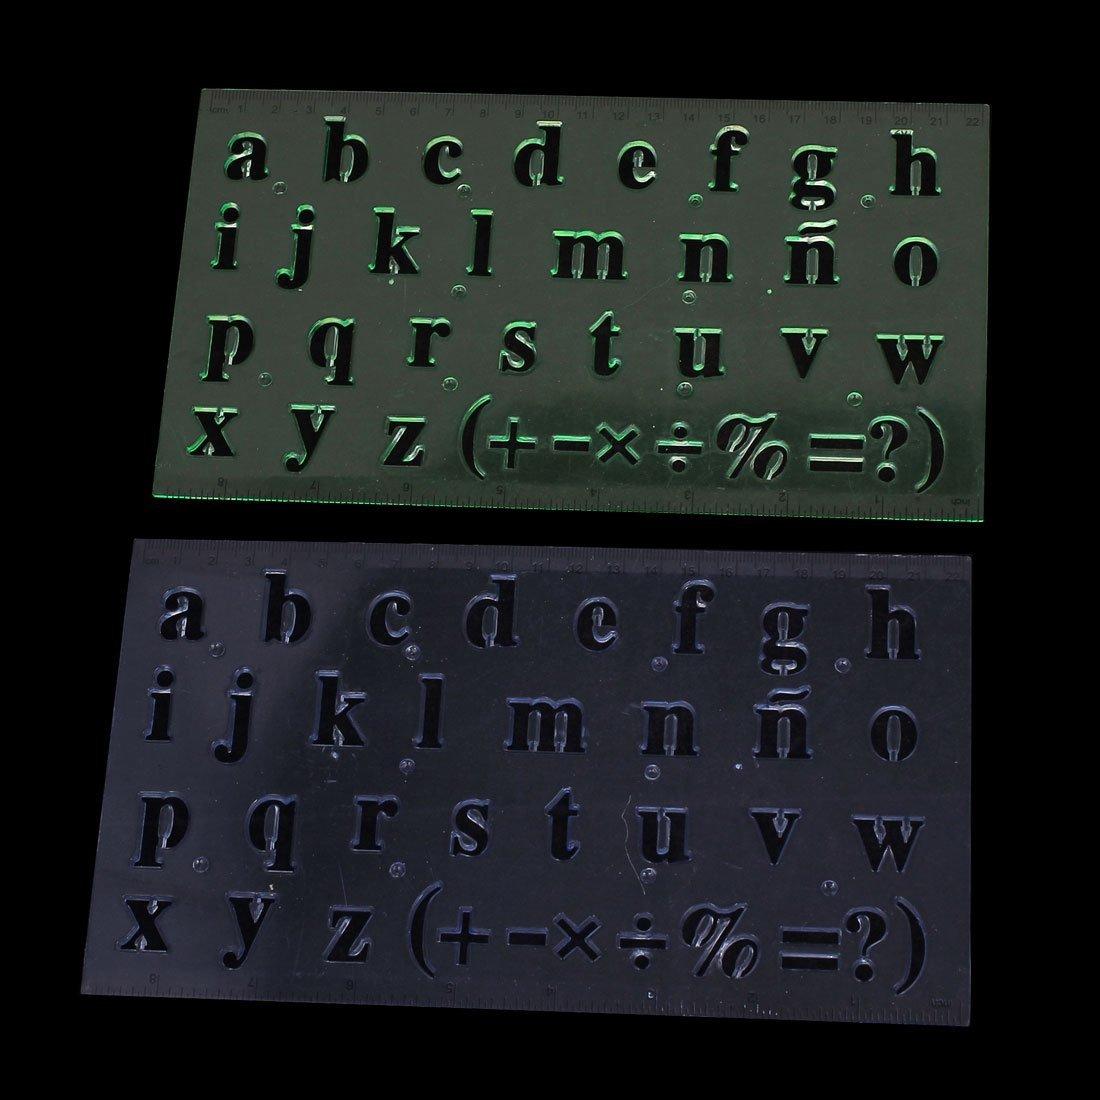 Amazon.com : eDealMax hueco plástico fuera del diseño de letras de medición Dibujo Regla, 2 Piezas (a15082800ux0586) : Office Products